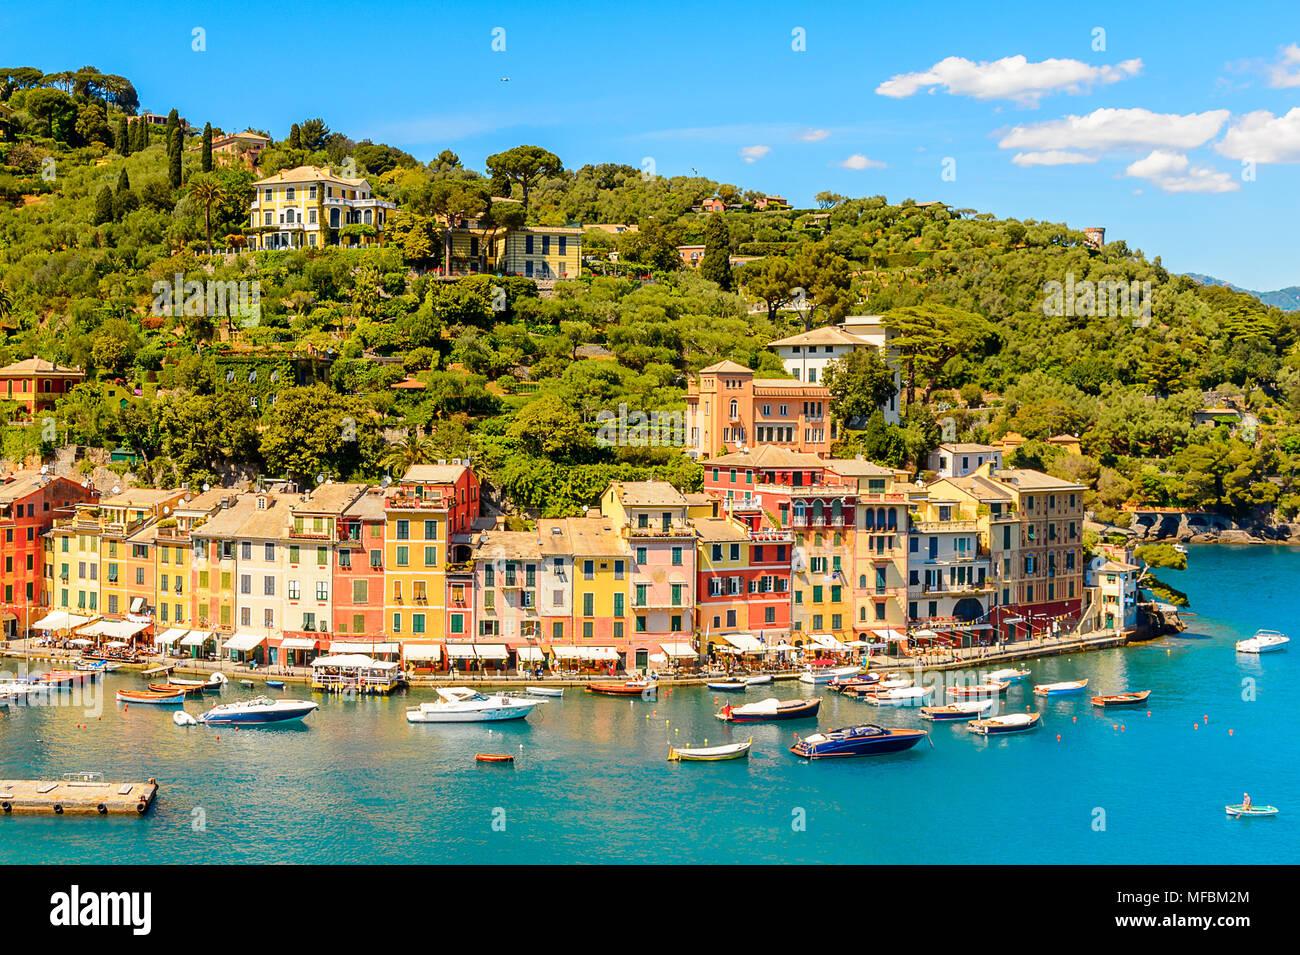 Panoramiv raison de Portofino, est un village de pêcheurs, province de Gênes, en Italie. Un lieu de villégiature avec un port pittoresque et avec la célébrité et Photo Stock